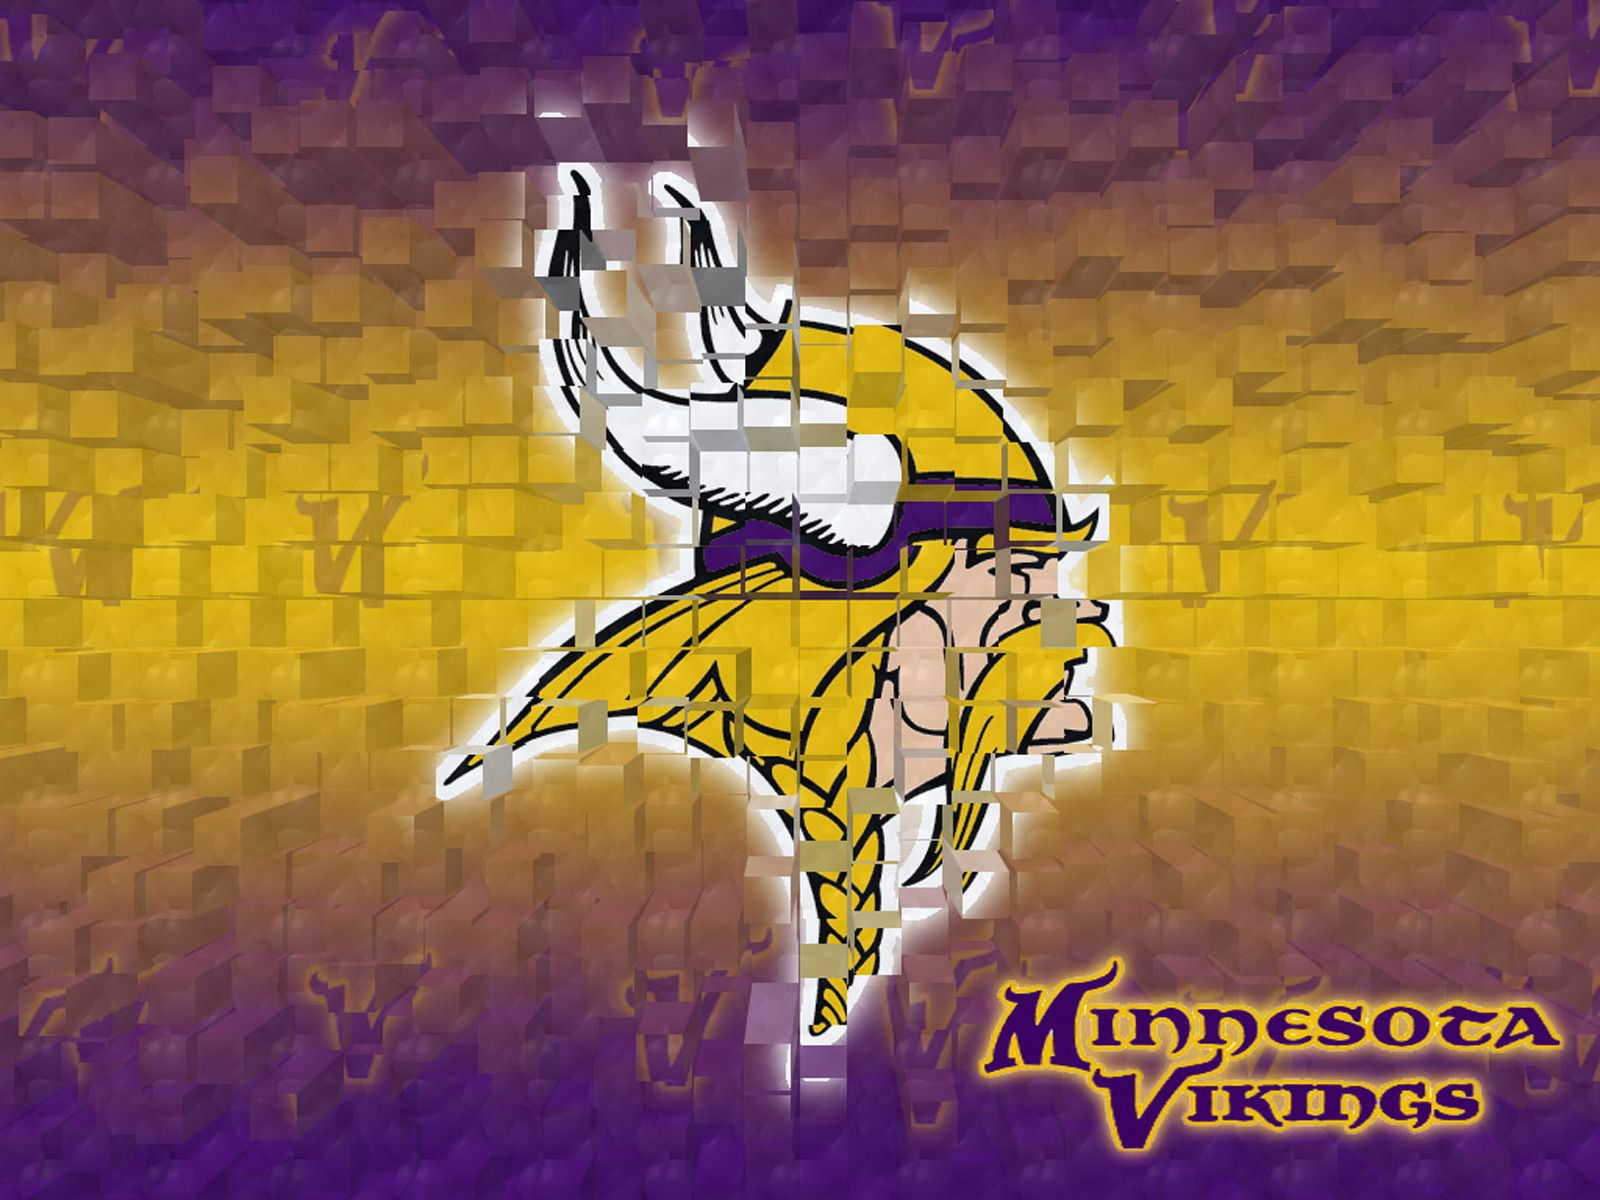 Minisota Vikings 3d Wallpaper 1600x1200 Jpeg 1 600 1 200 Pixels Minnesota Vikings Wallpaper Minnesota Vikings Minnesota Vikings Logo